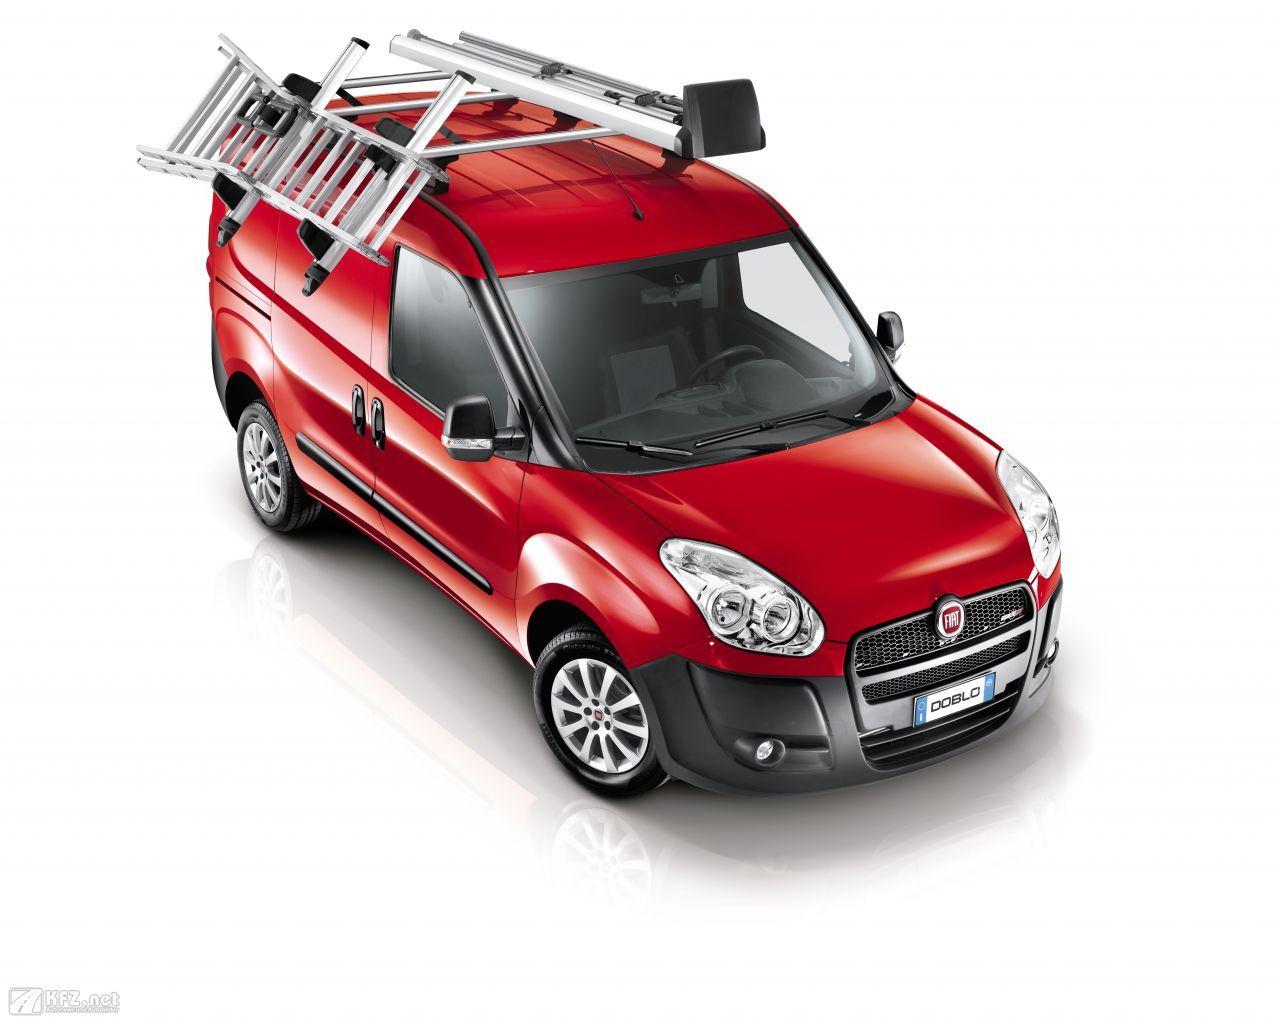 Fiat Doblo Bilder Der Van Mit Den Grossen Schiebeturen Fiat Doblo